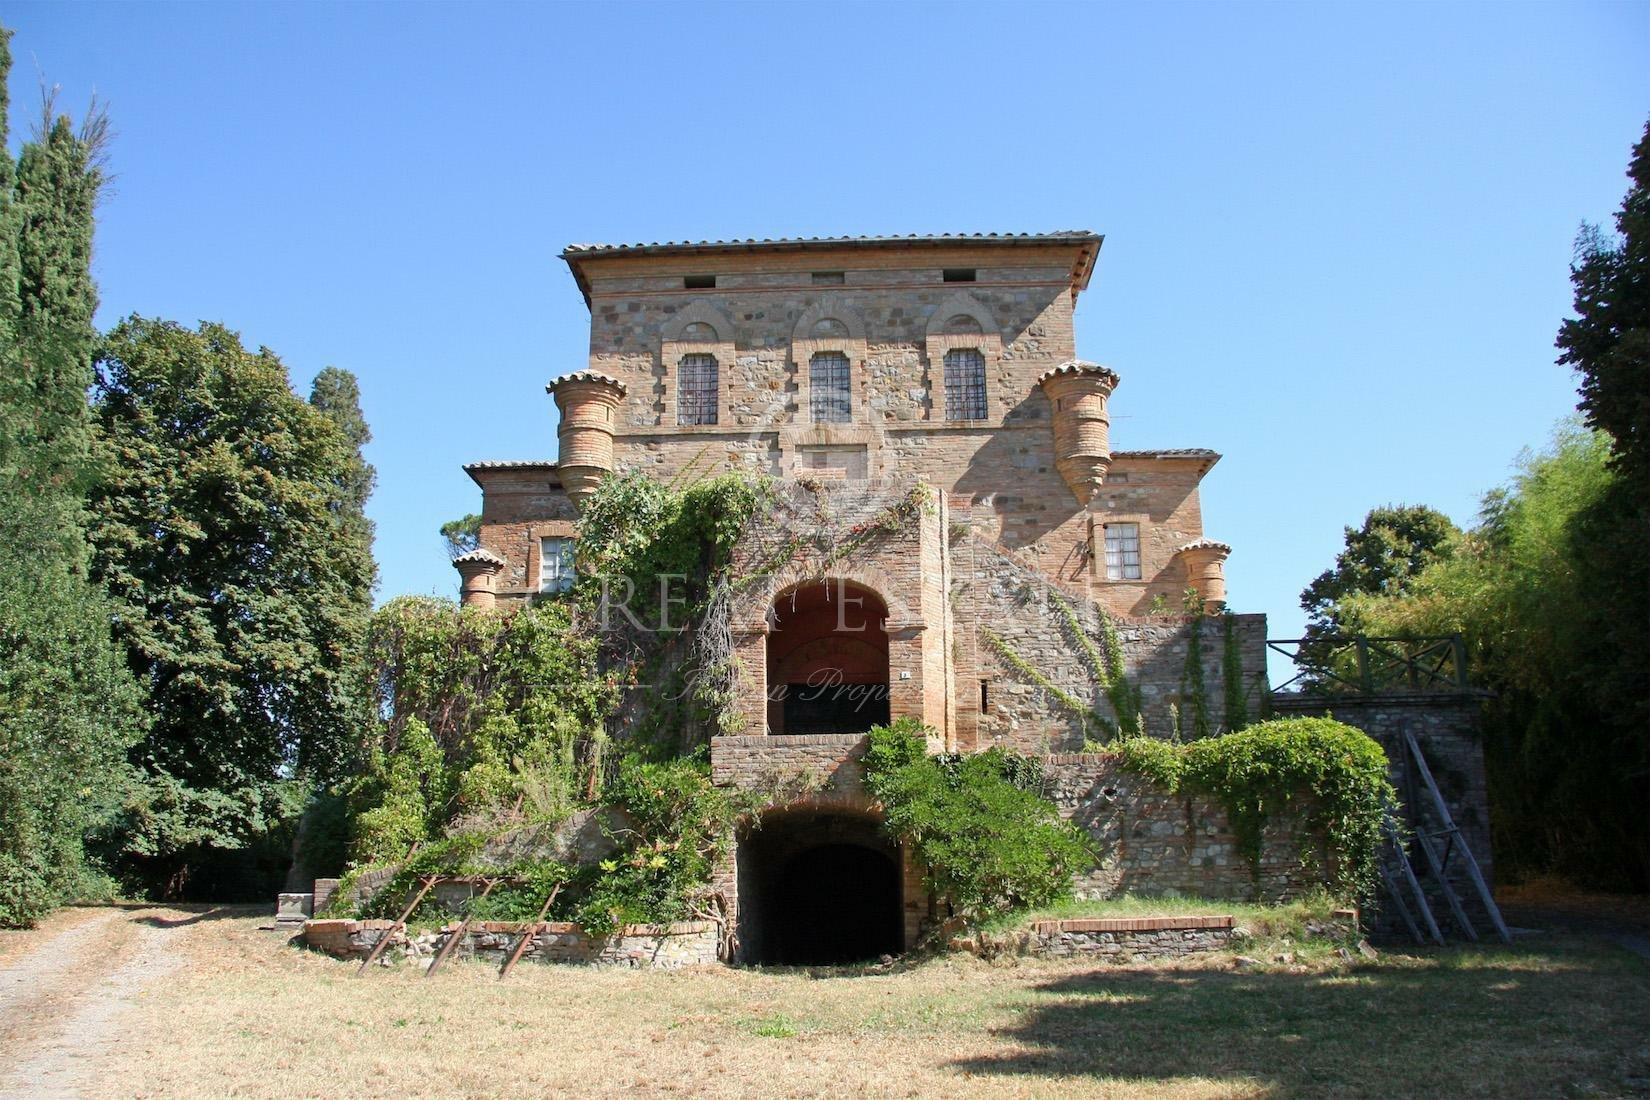 Castle in Umbria, Italy 1 - 10673745